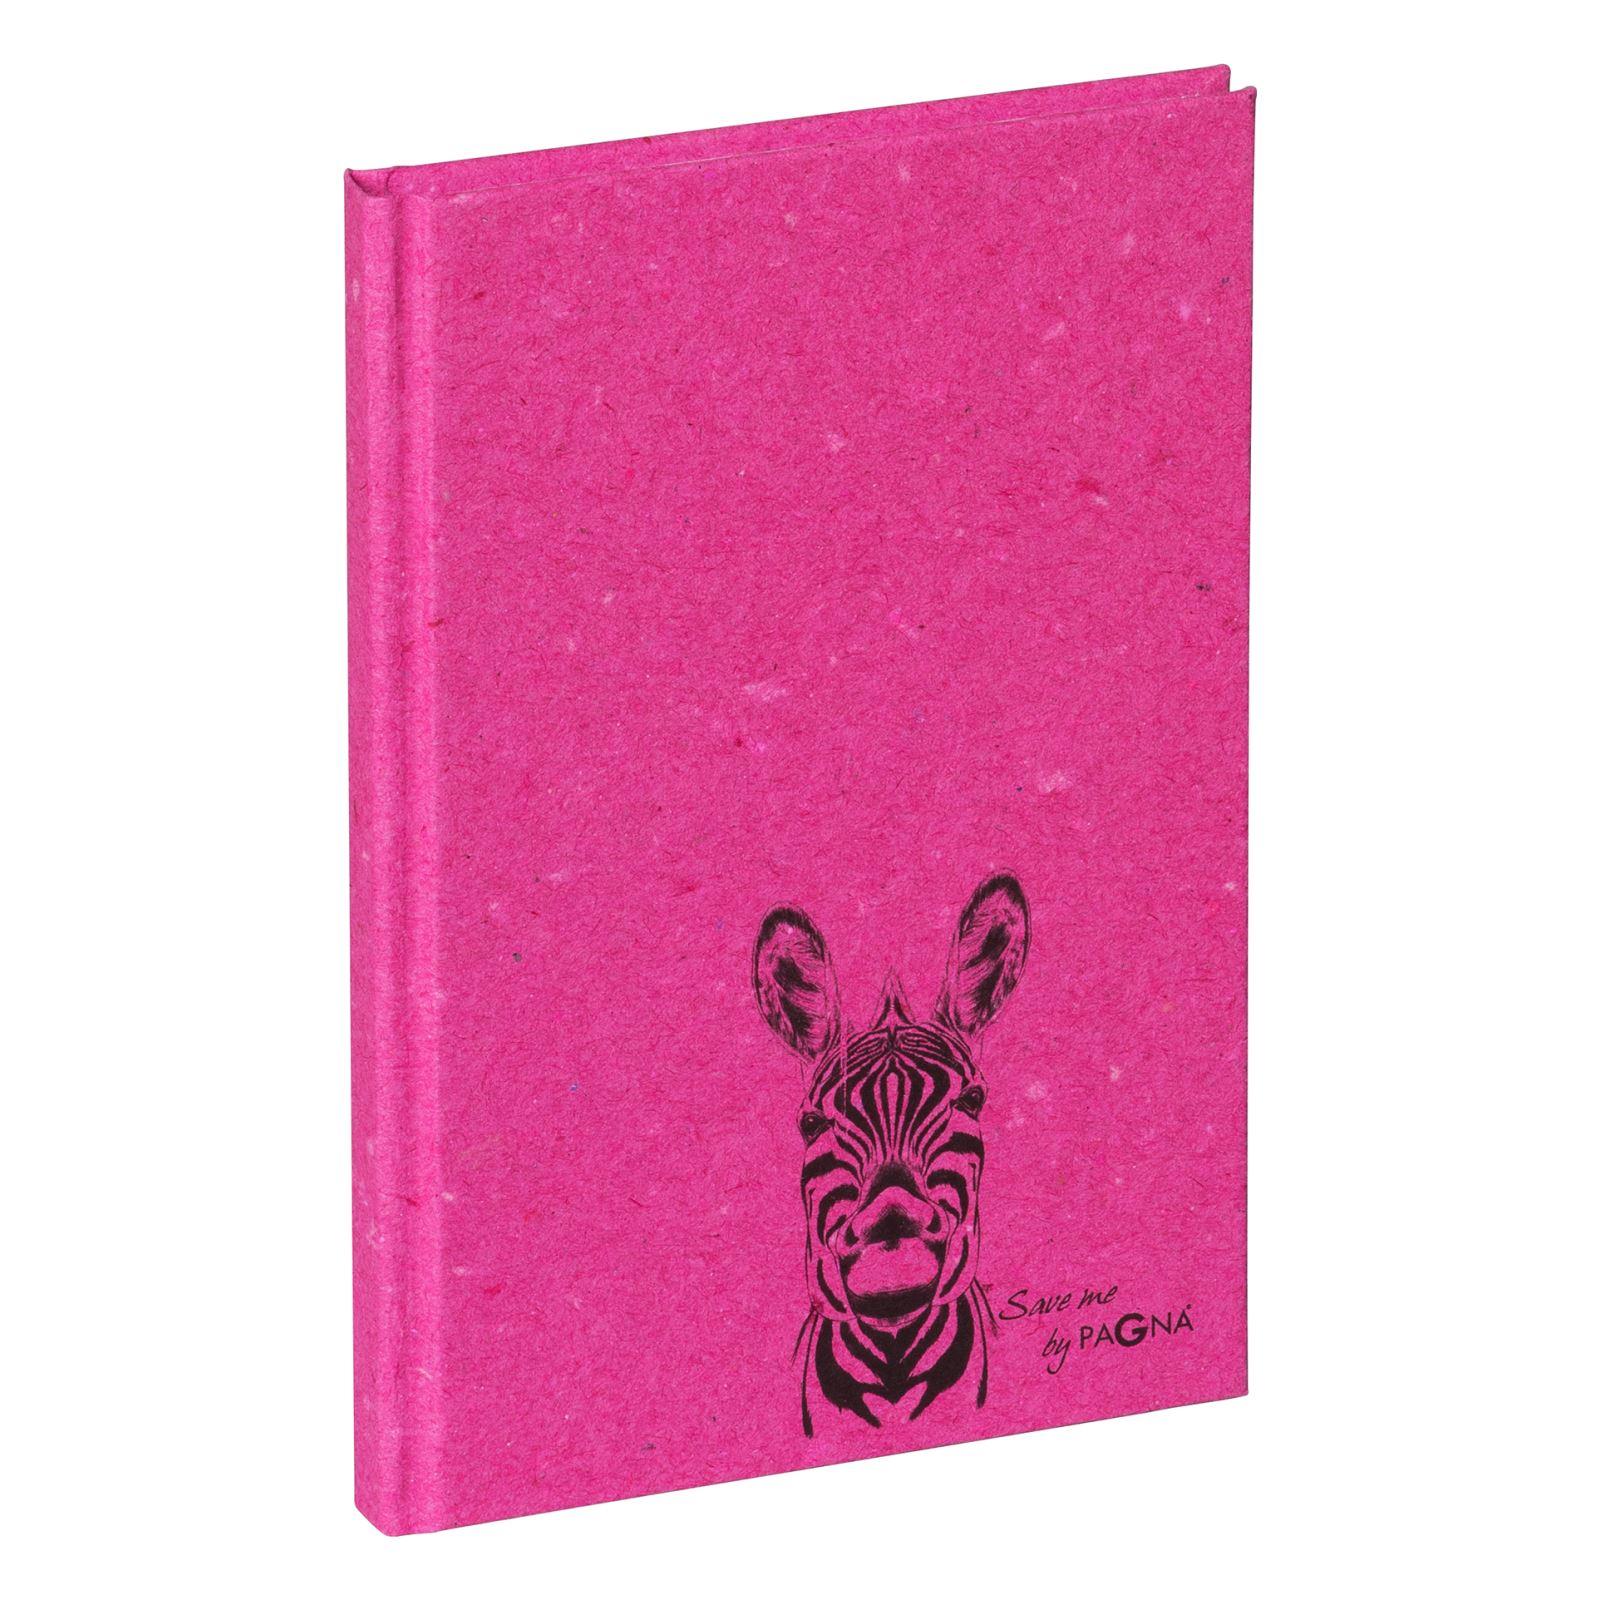 Pagna 26051-34 - Notizbuch - Hardcover - DIN A6 - Zebra Motiv